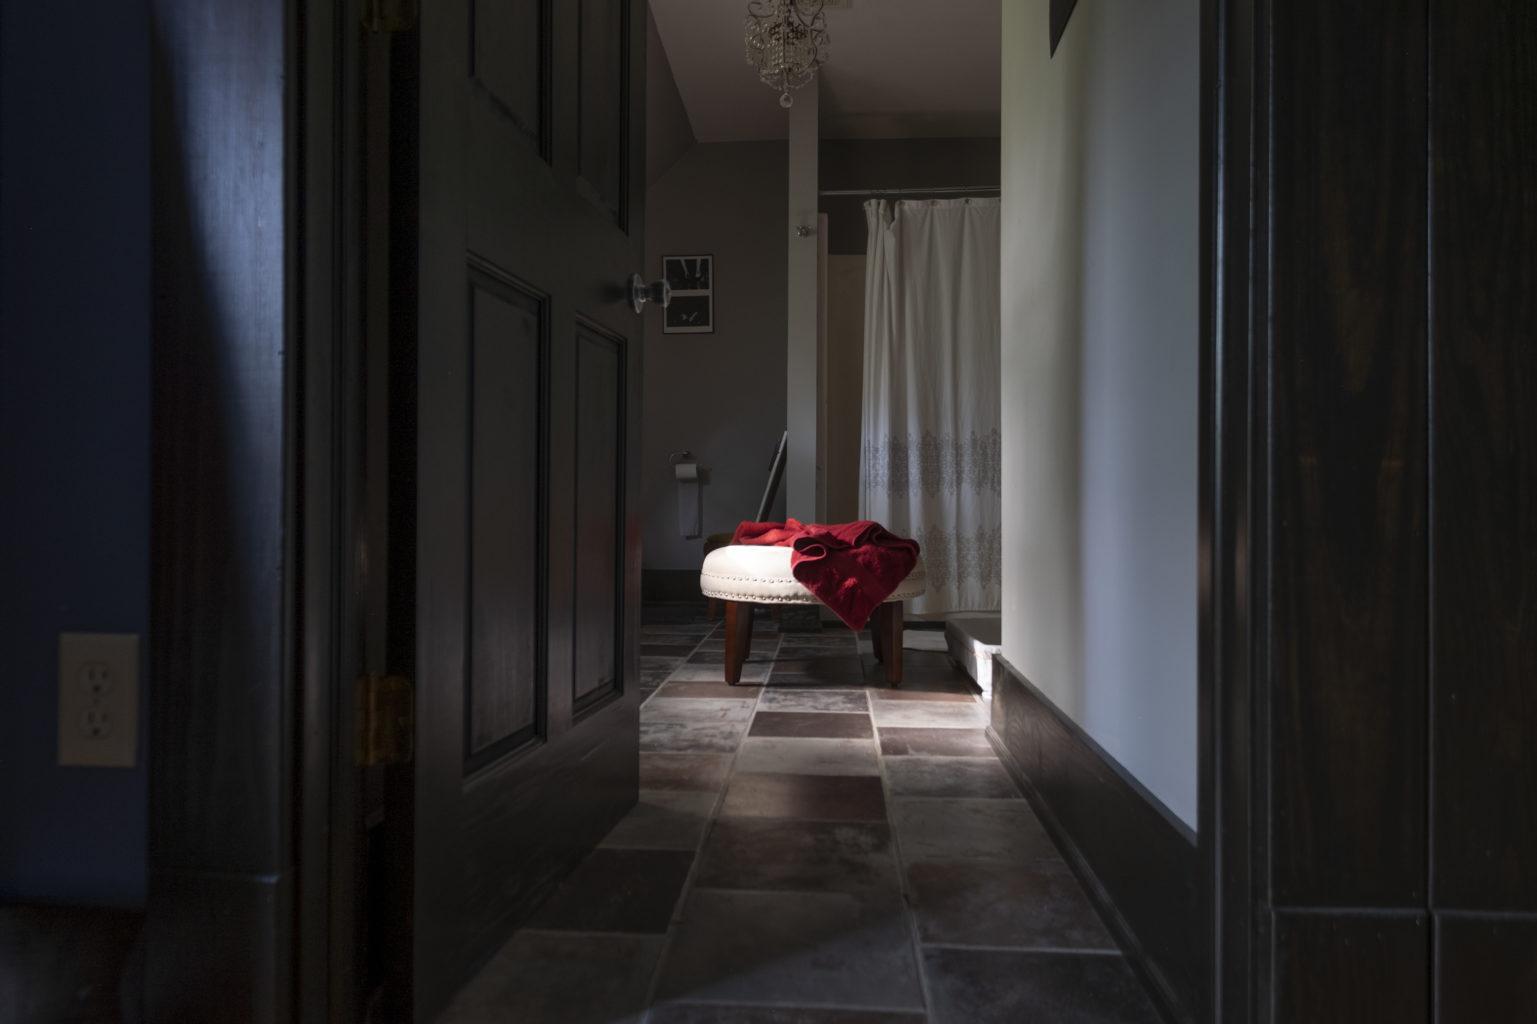 Week 8: <em>Bathroom</em>, Alyssa Coffin, May 29, 2020